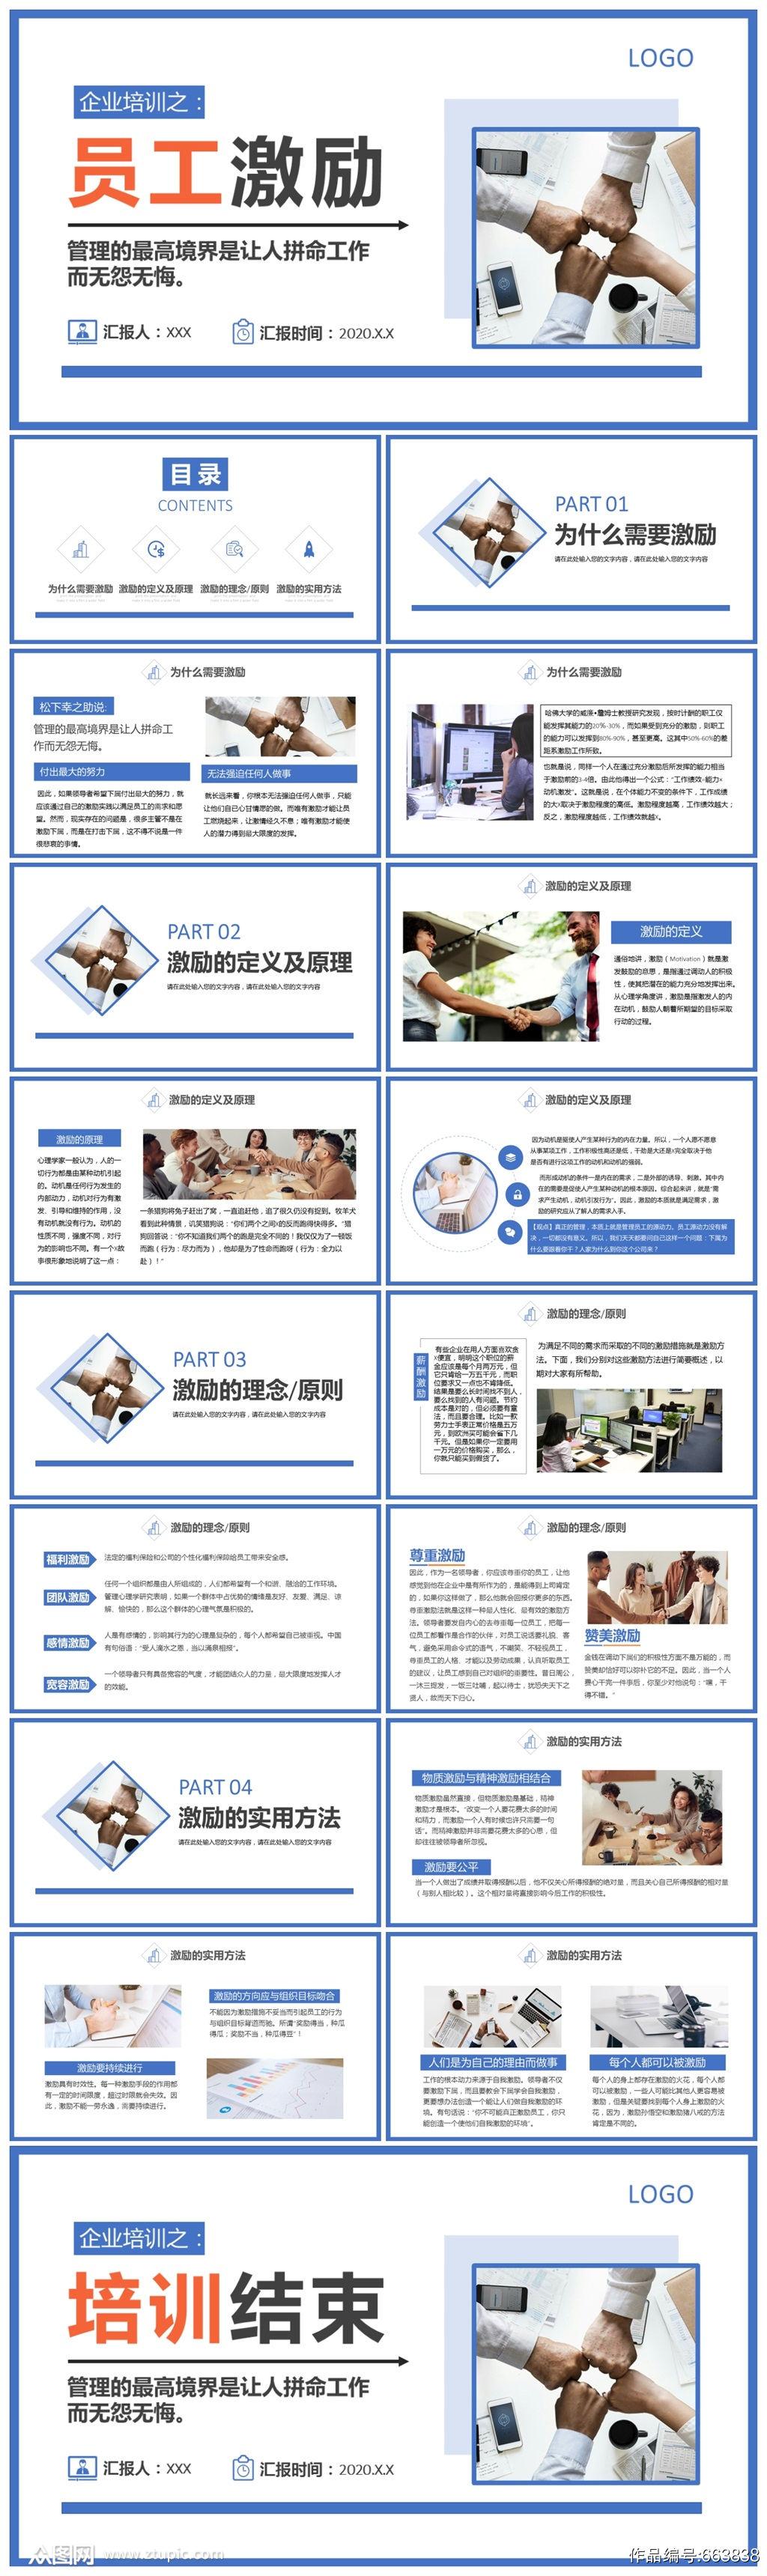 简约商务企业公司员工激励培训PPT模板素材